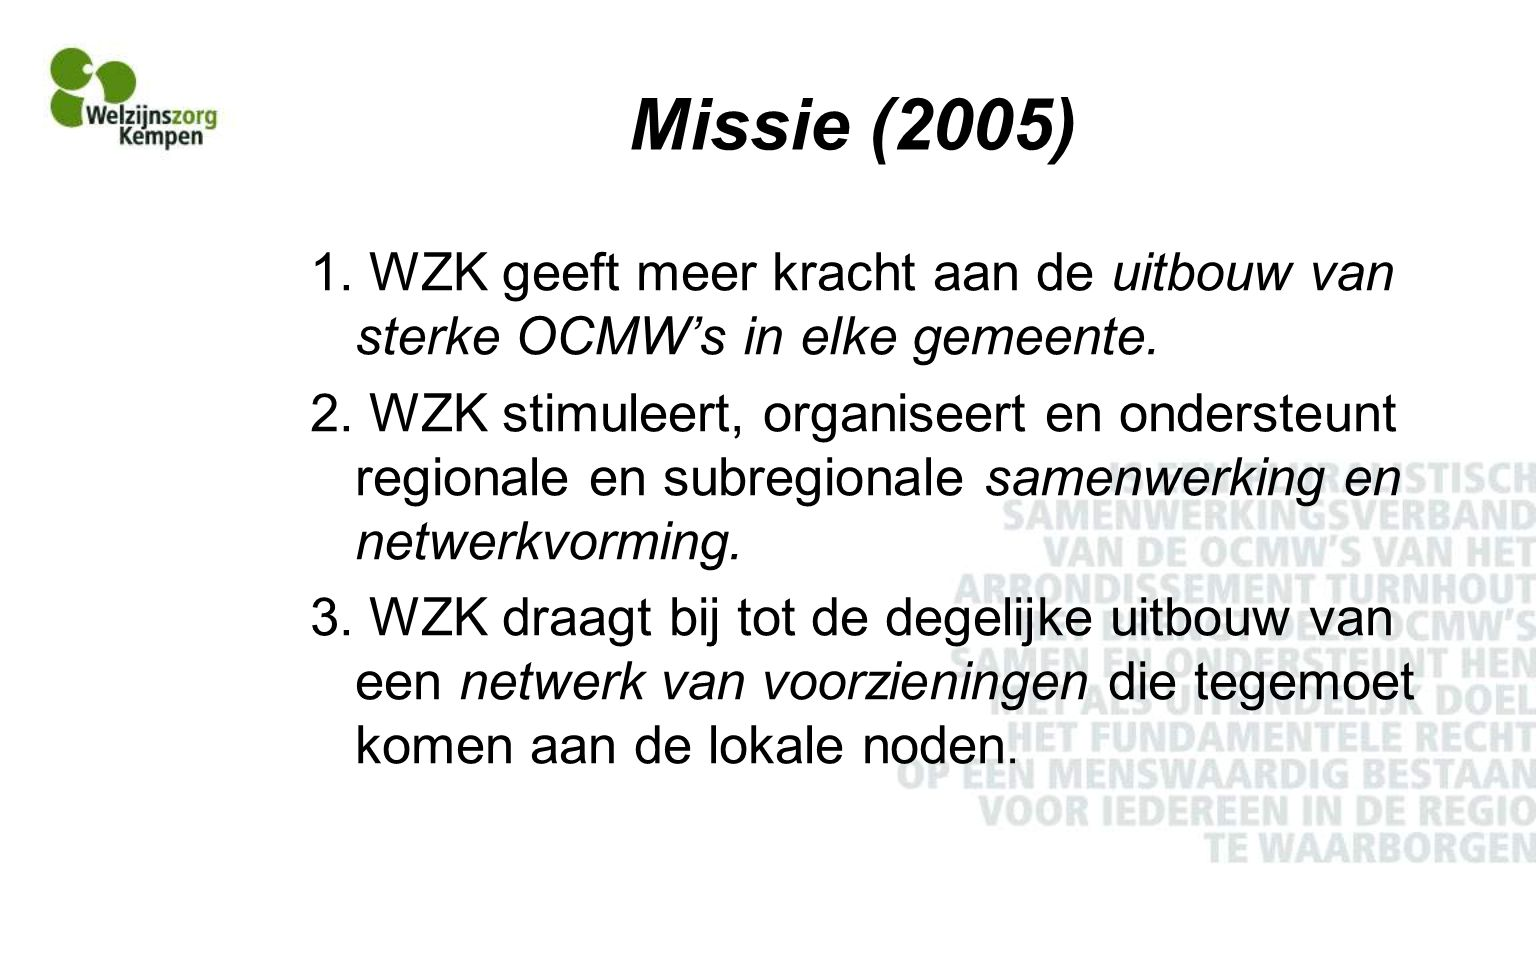 Missie (2005) 1.WZK geeft meer kracht aan de uitbouw van sterke OCMW's in elke gemeente.